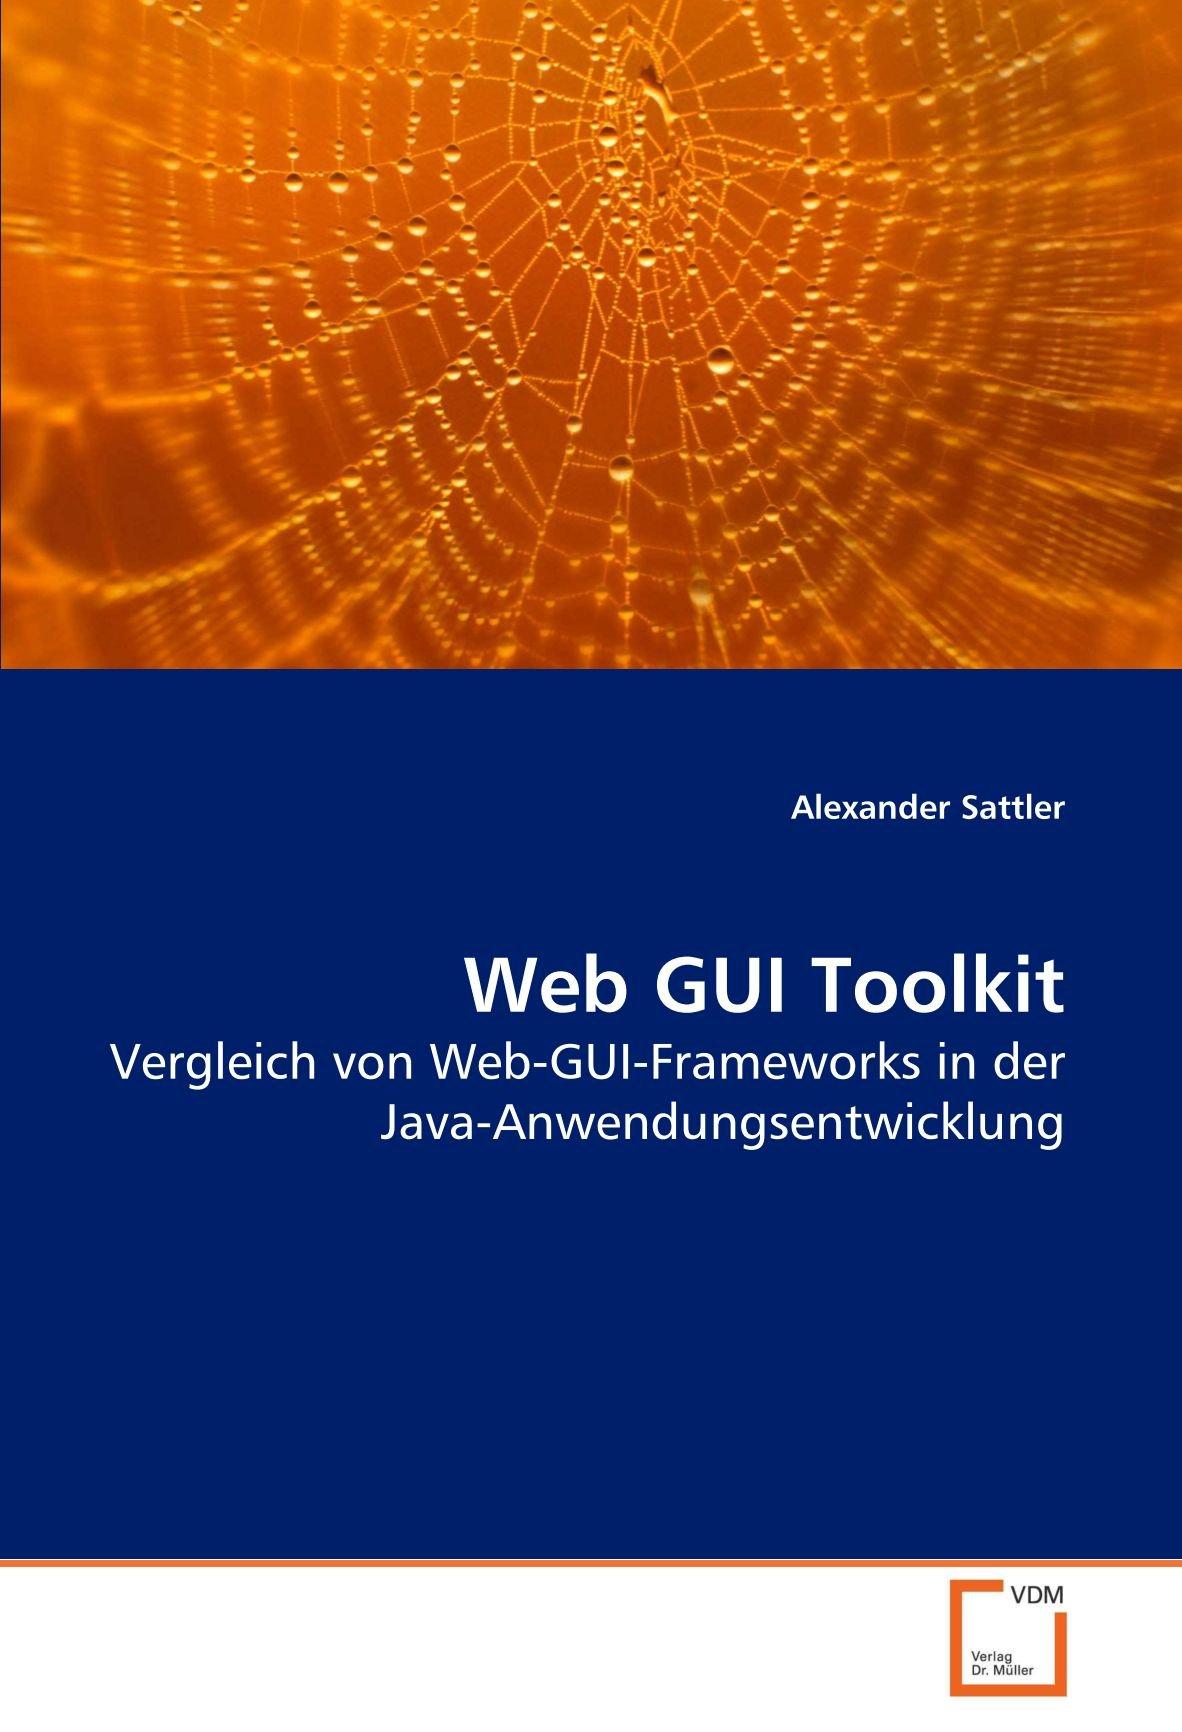 Web GUI Toolkit: Vergleich von Web-GUI-Frameworks in der Java